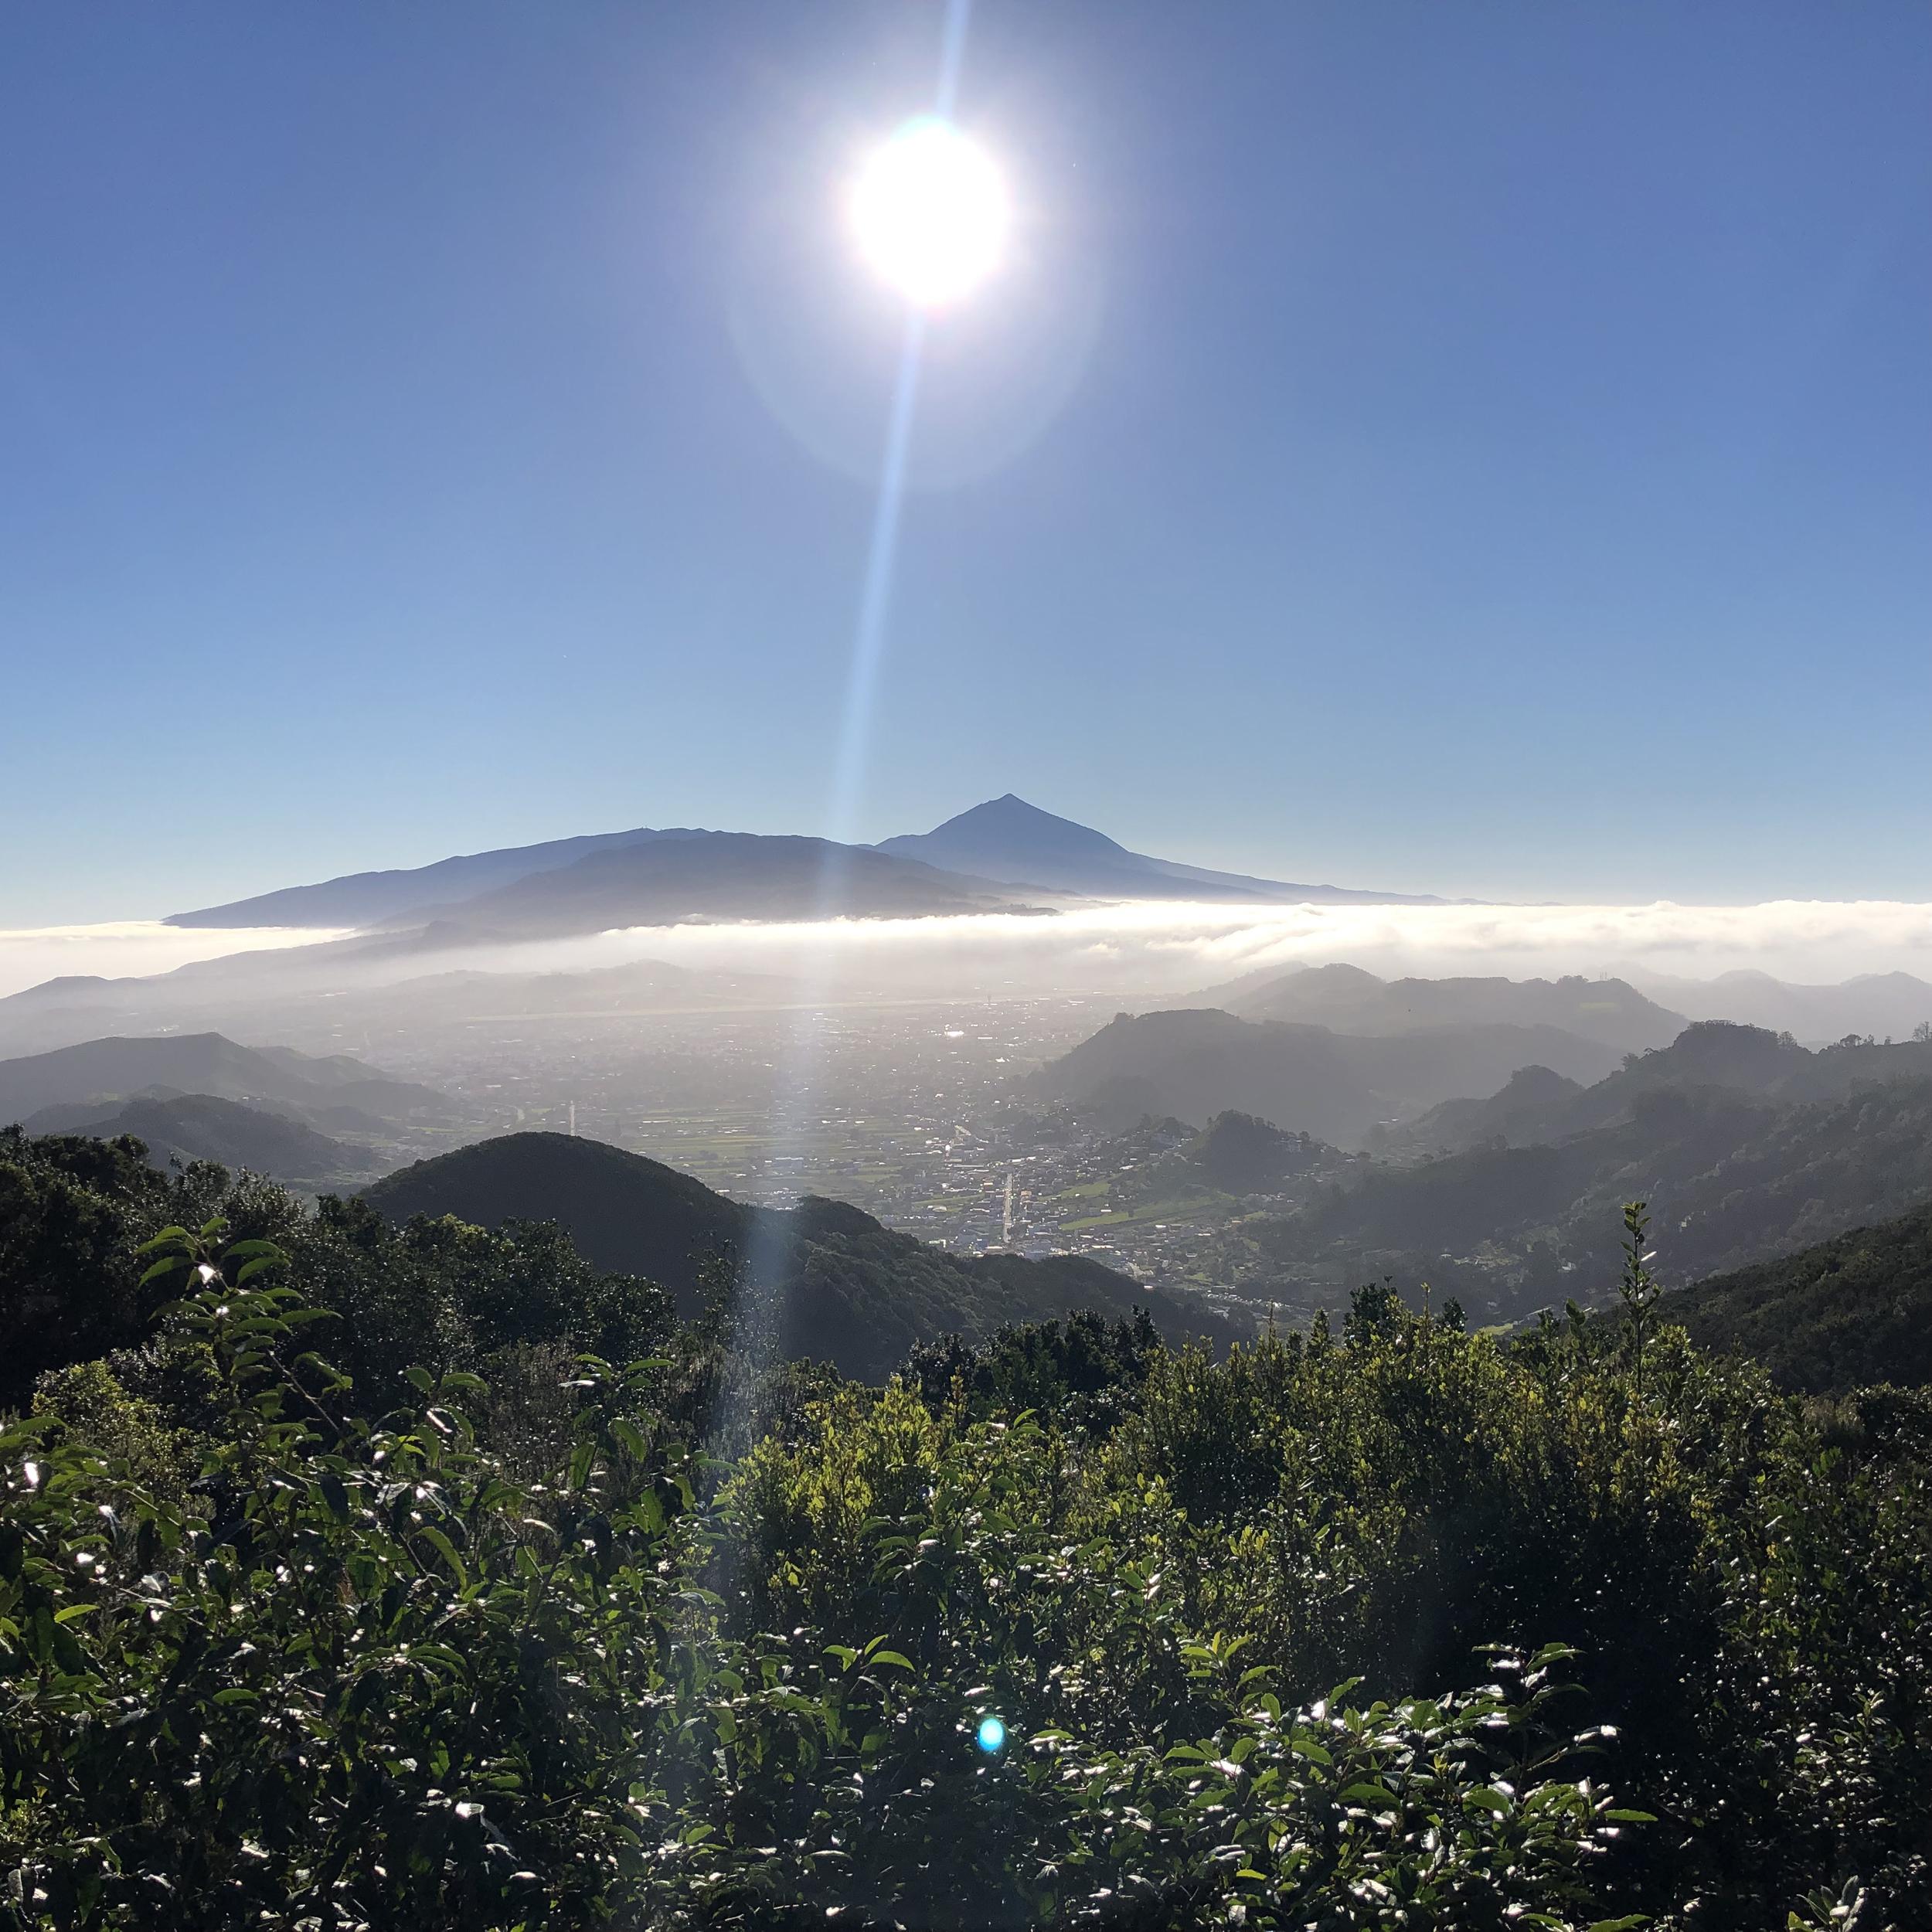 El Teide visto desde el parque de Anaga.